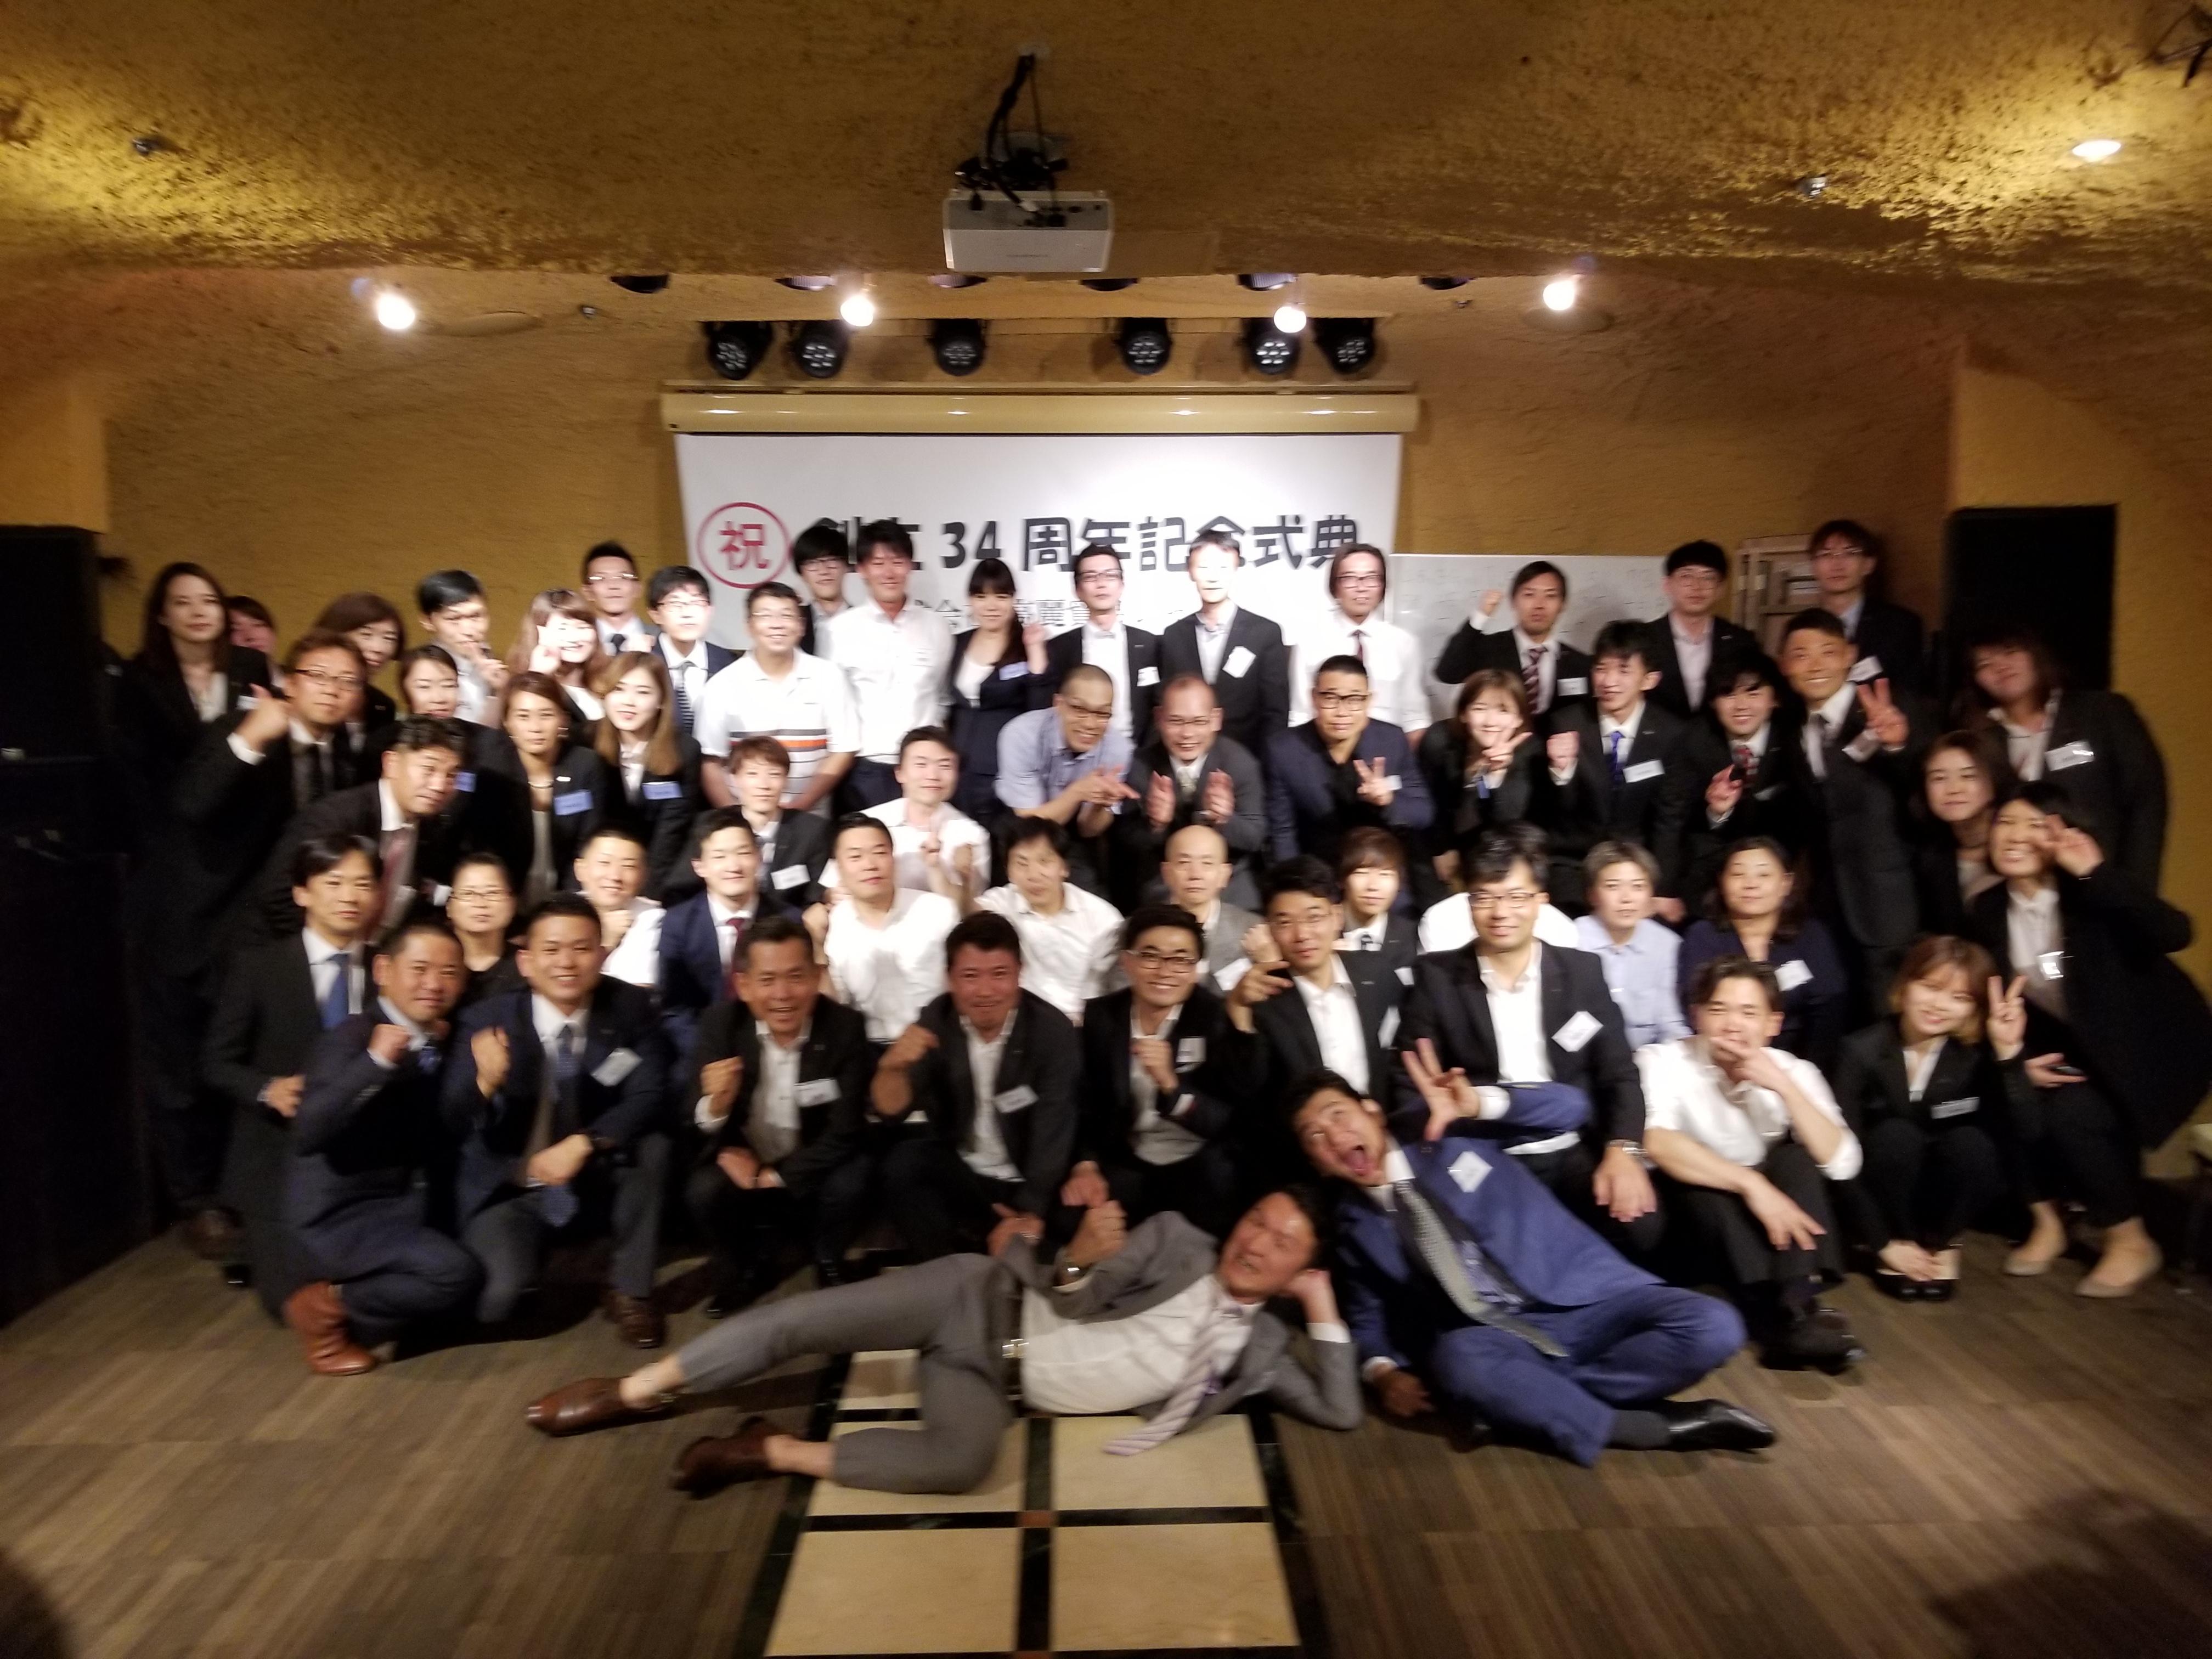 株式会社高麗貿易ジャパン創立34周年記念式典(令和1年8月1日)